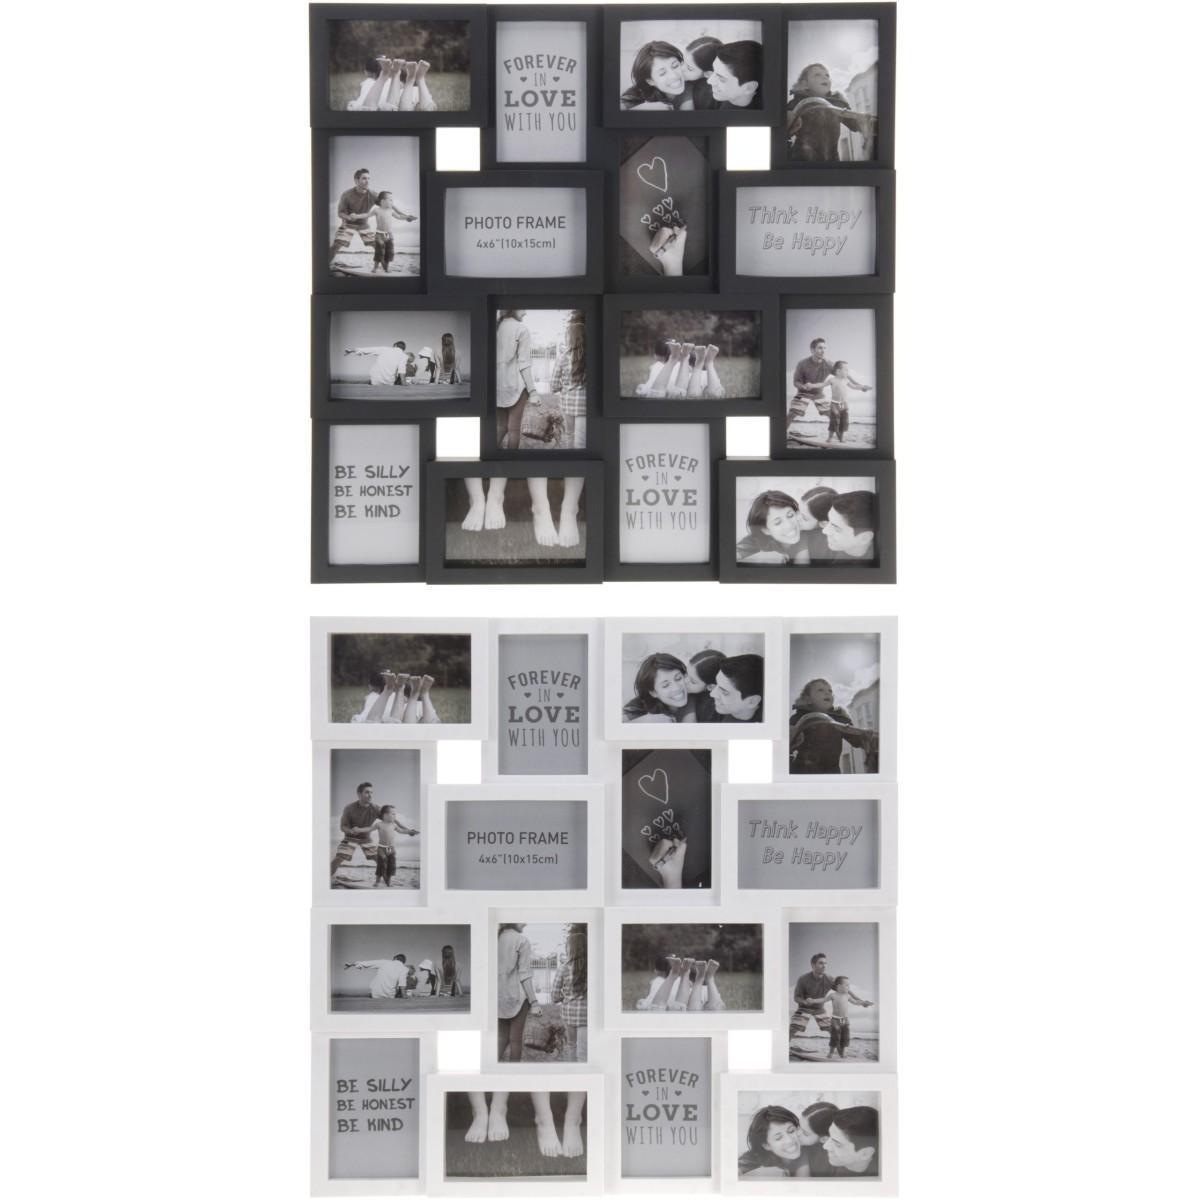 Fotorahmen Bilderrahmen 56,5x56,5cm 16Fotos Kunststoff Multirahmen ...